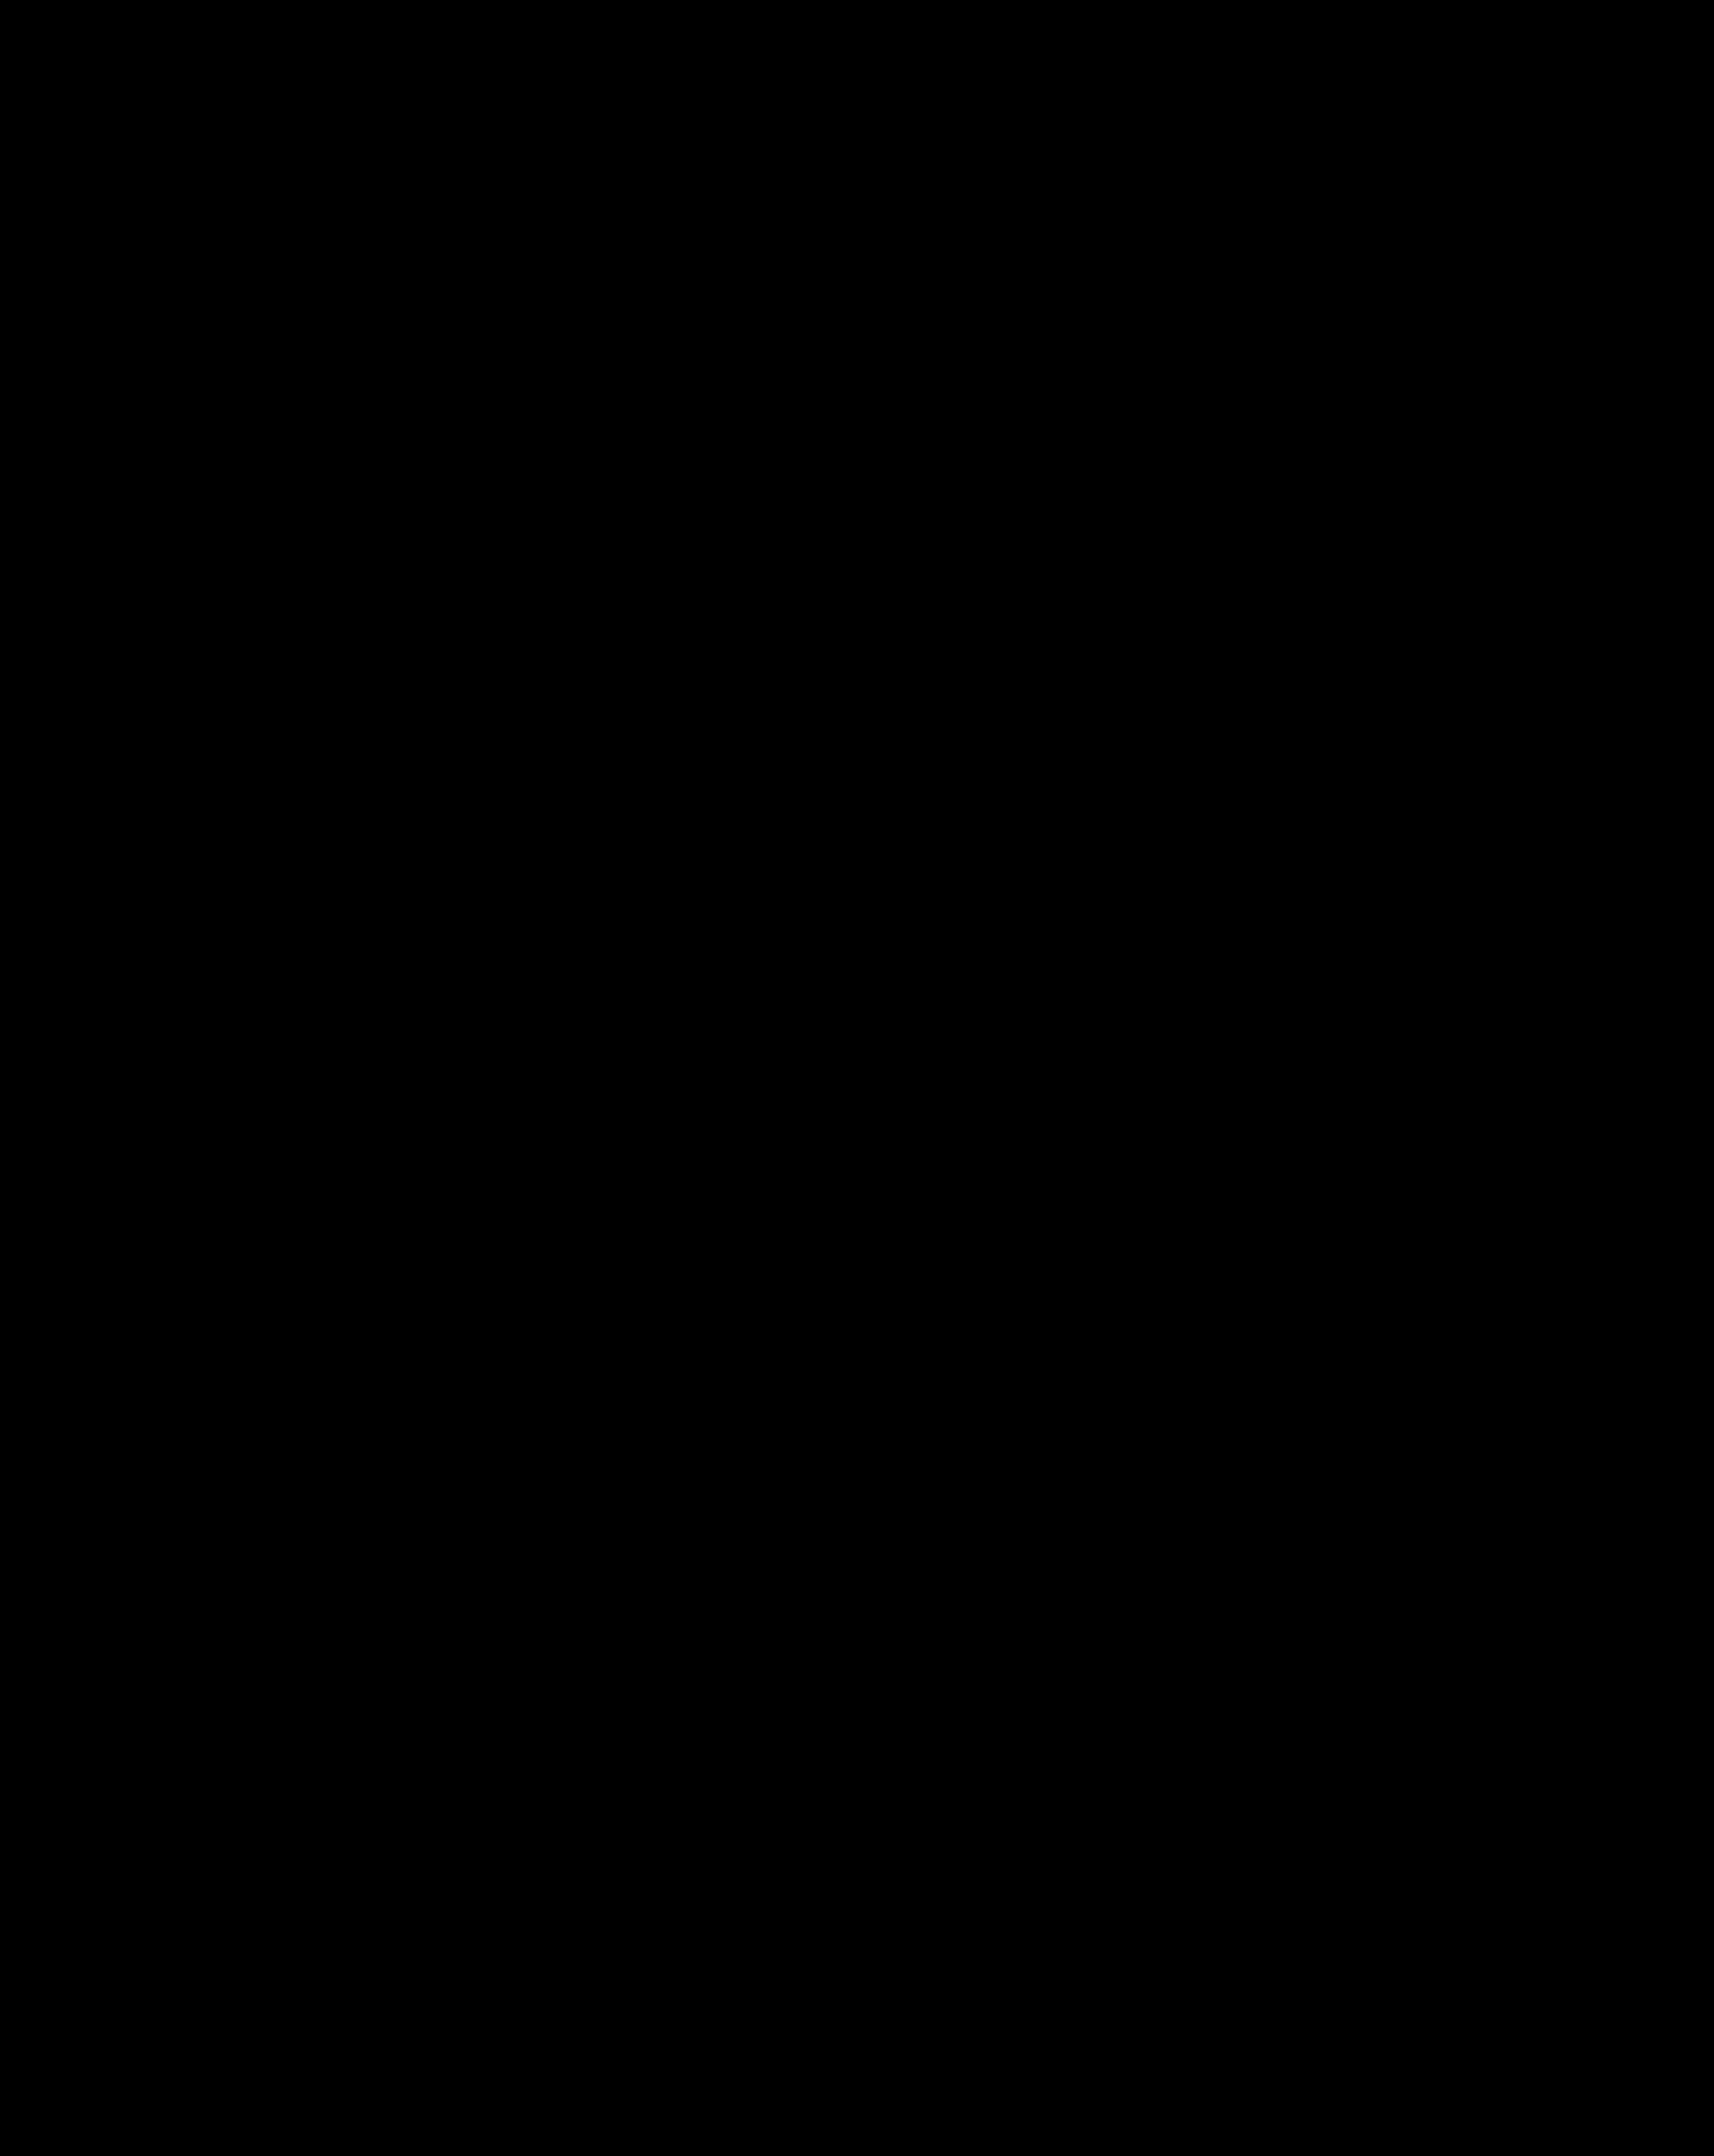 Glenn Ligon, Debris Field #2, 2018